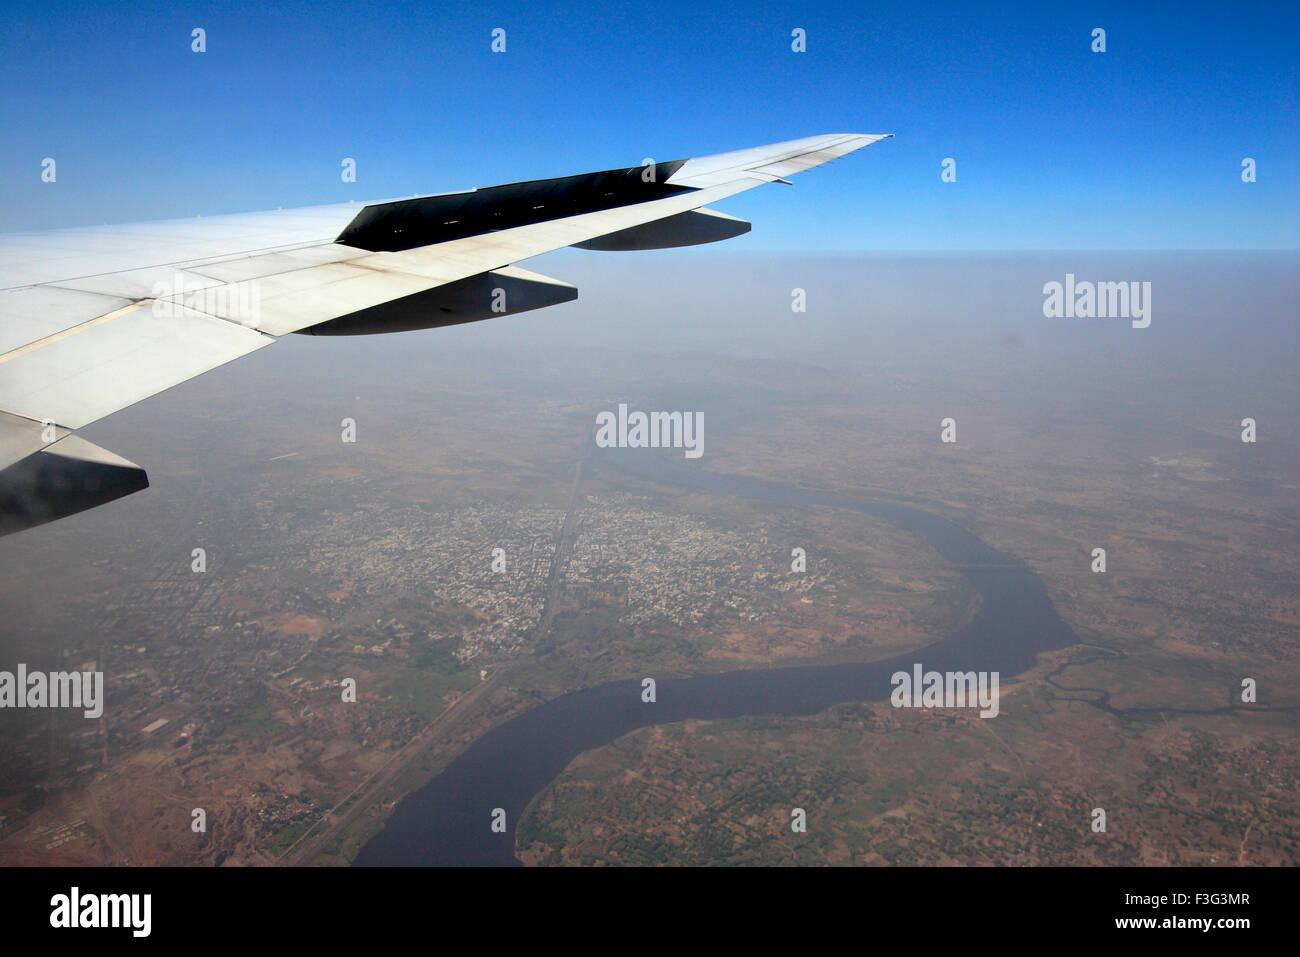 Immagini da aero aereo in volo prima dello sbarco ; Mumbai Bombay ; Maharashtra ; India Immagini Stock